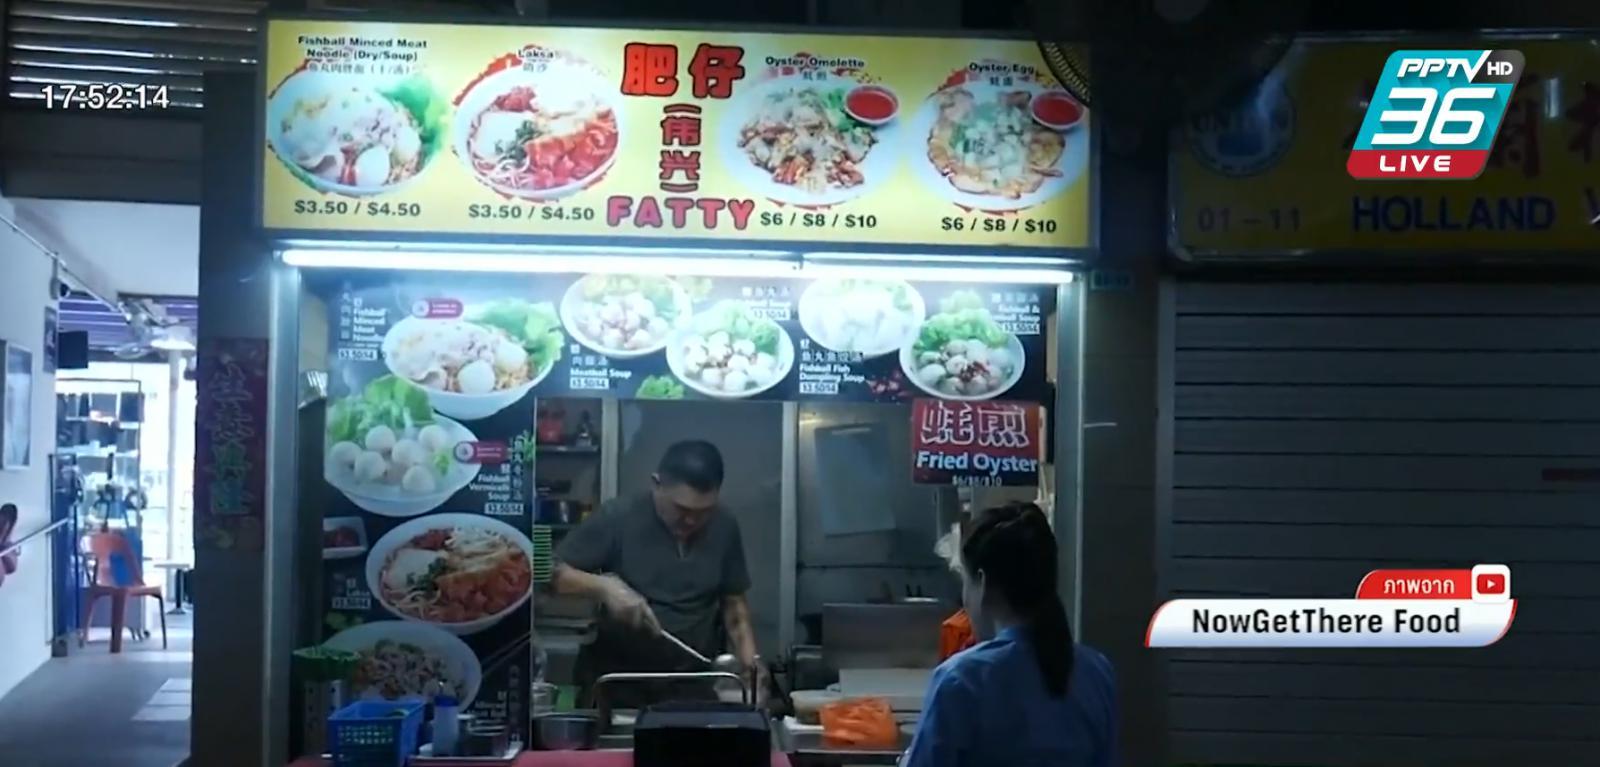 """""""อาหารริมทางสิงคโปร์"""" เป็นมรดกวัฒนธรรม"""